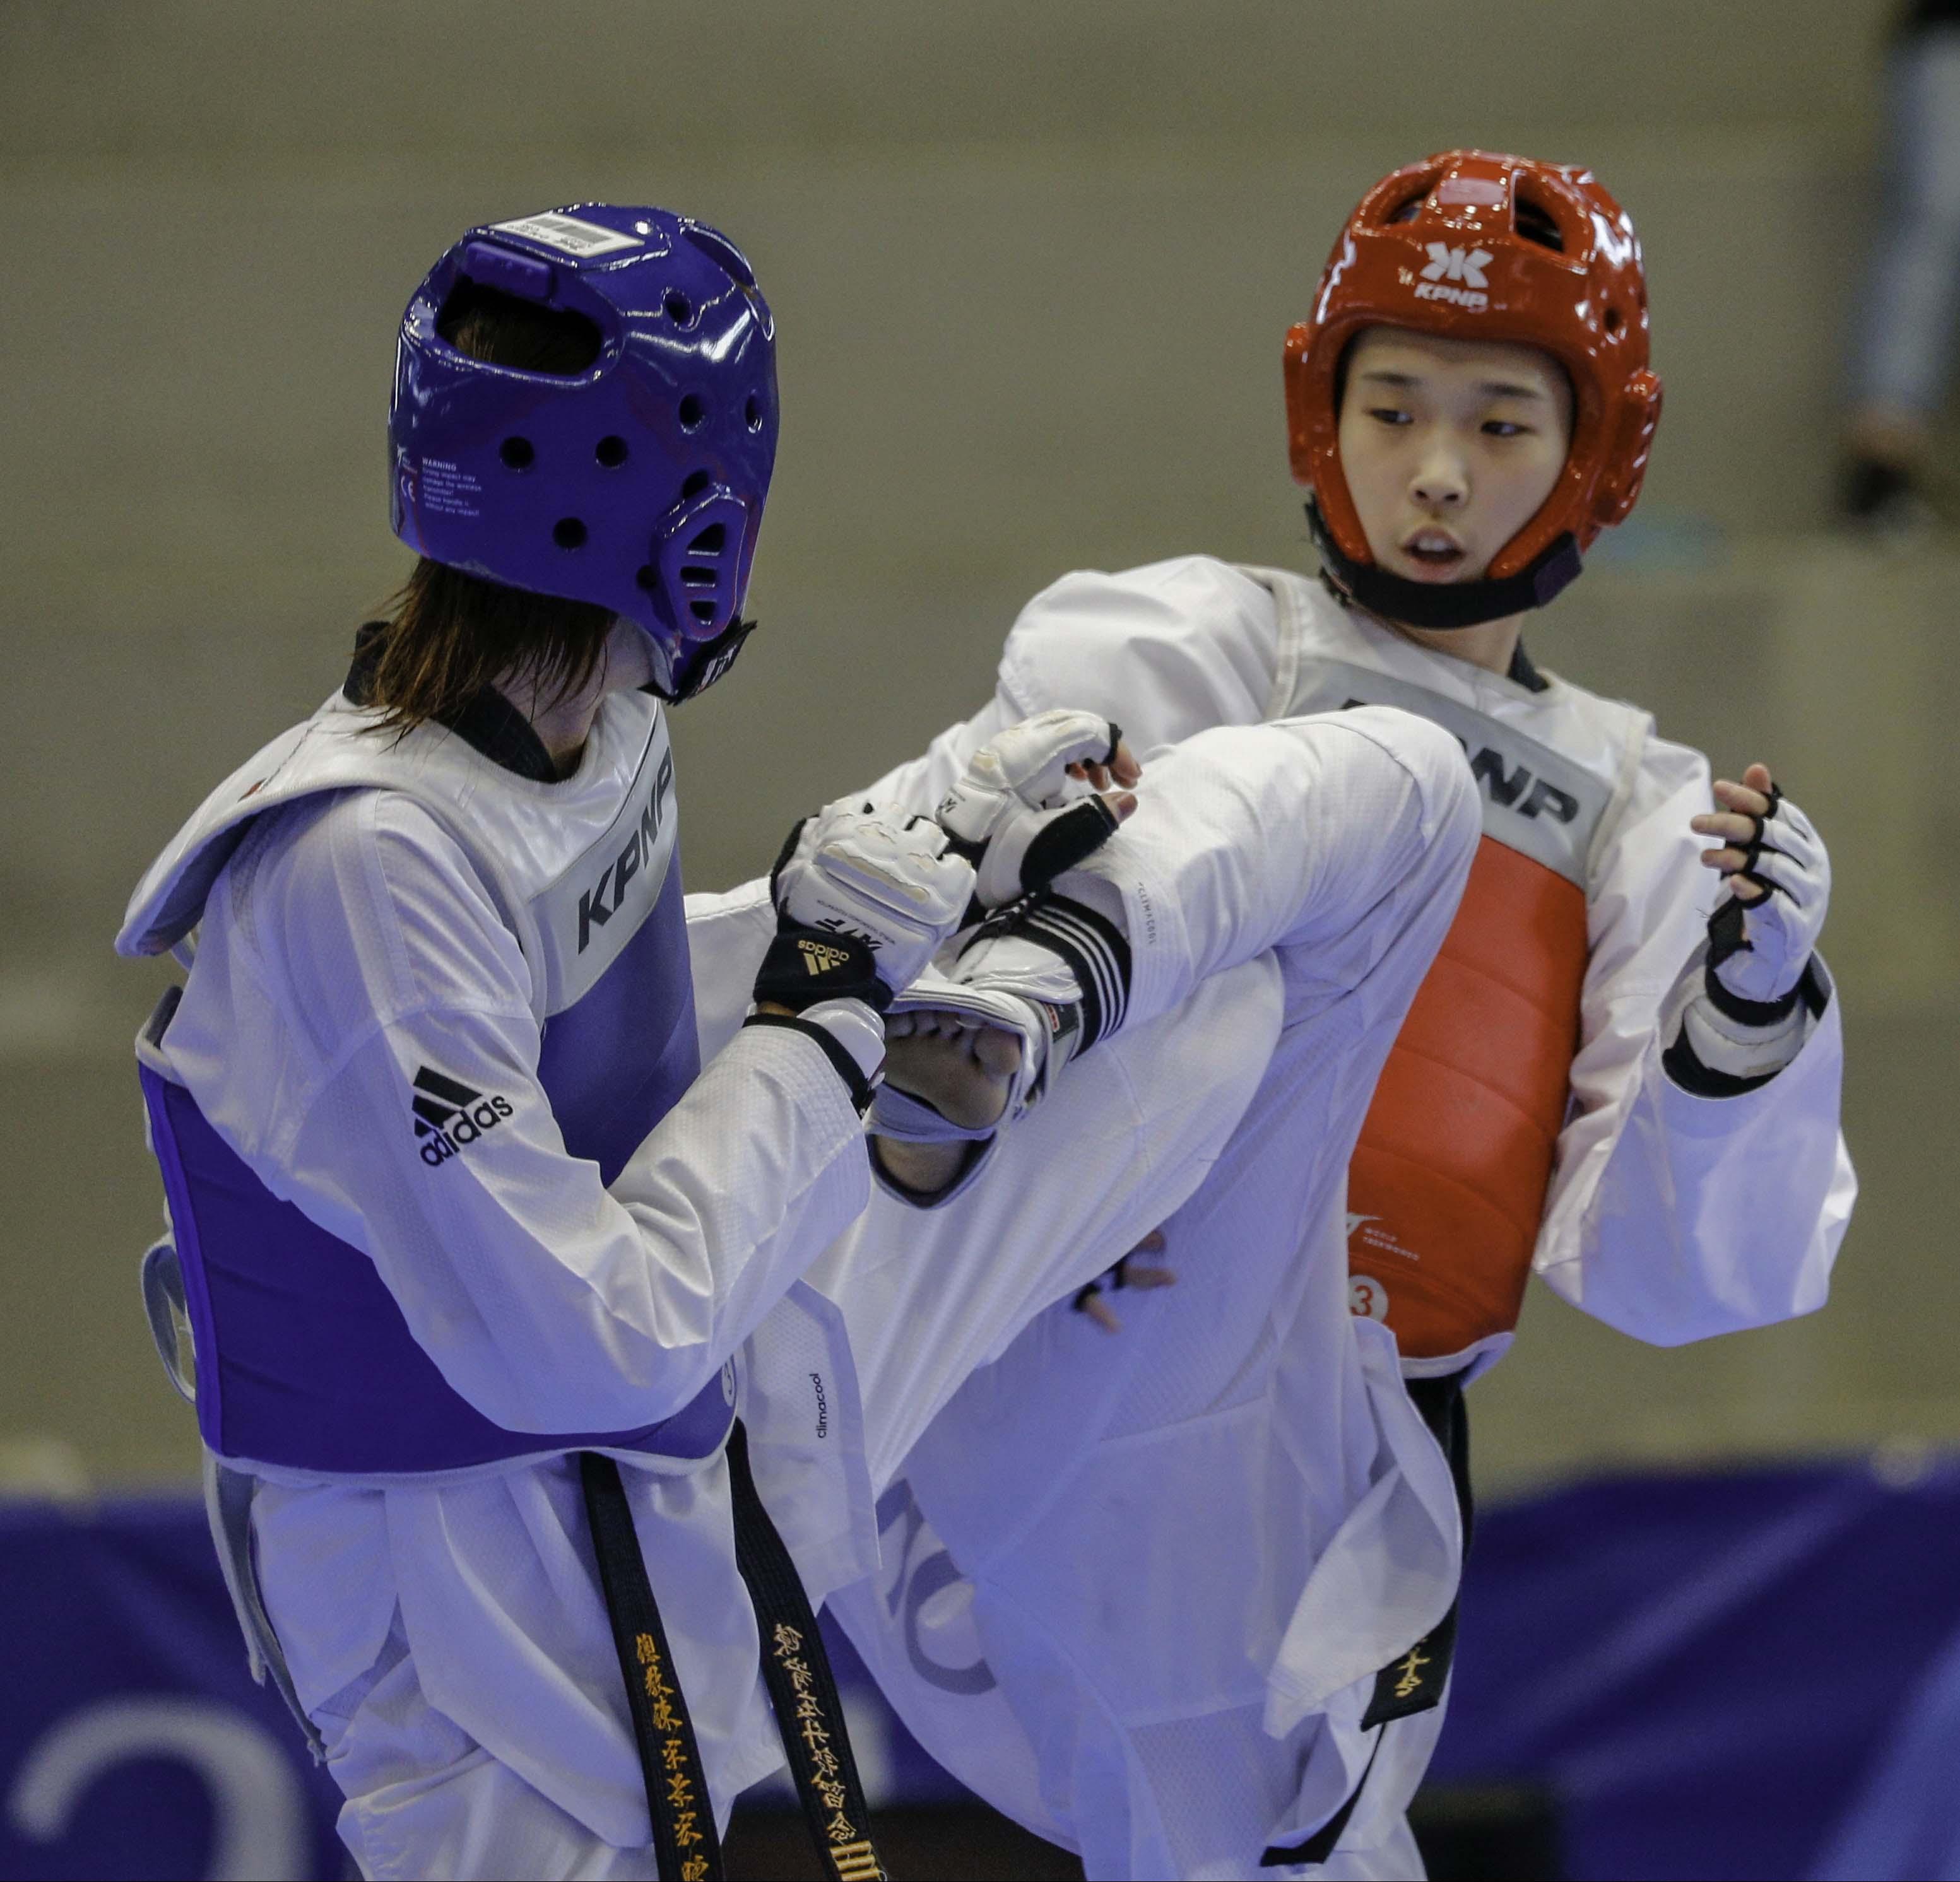 Taekwondo Sparring Uniform